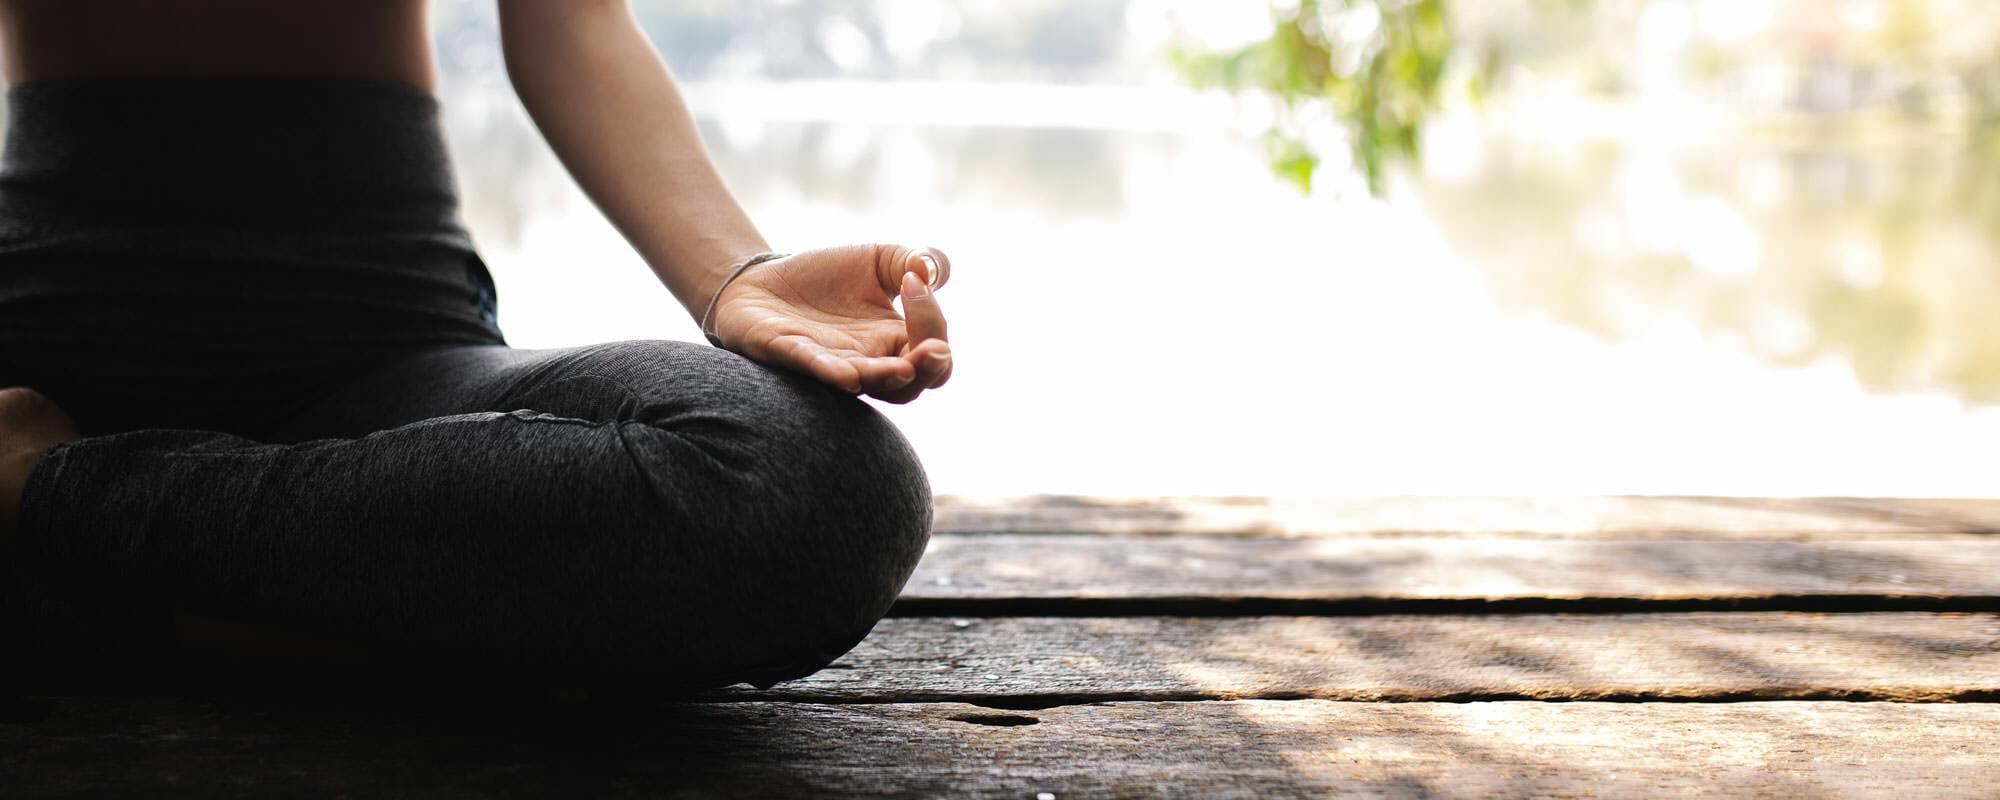 Meditating hero